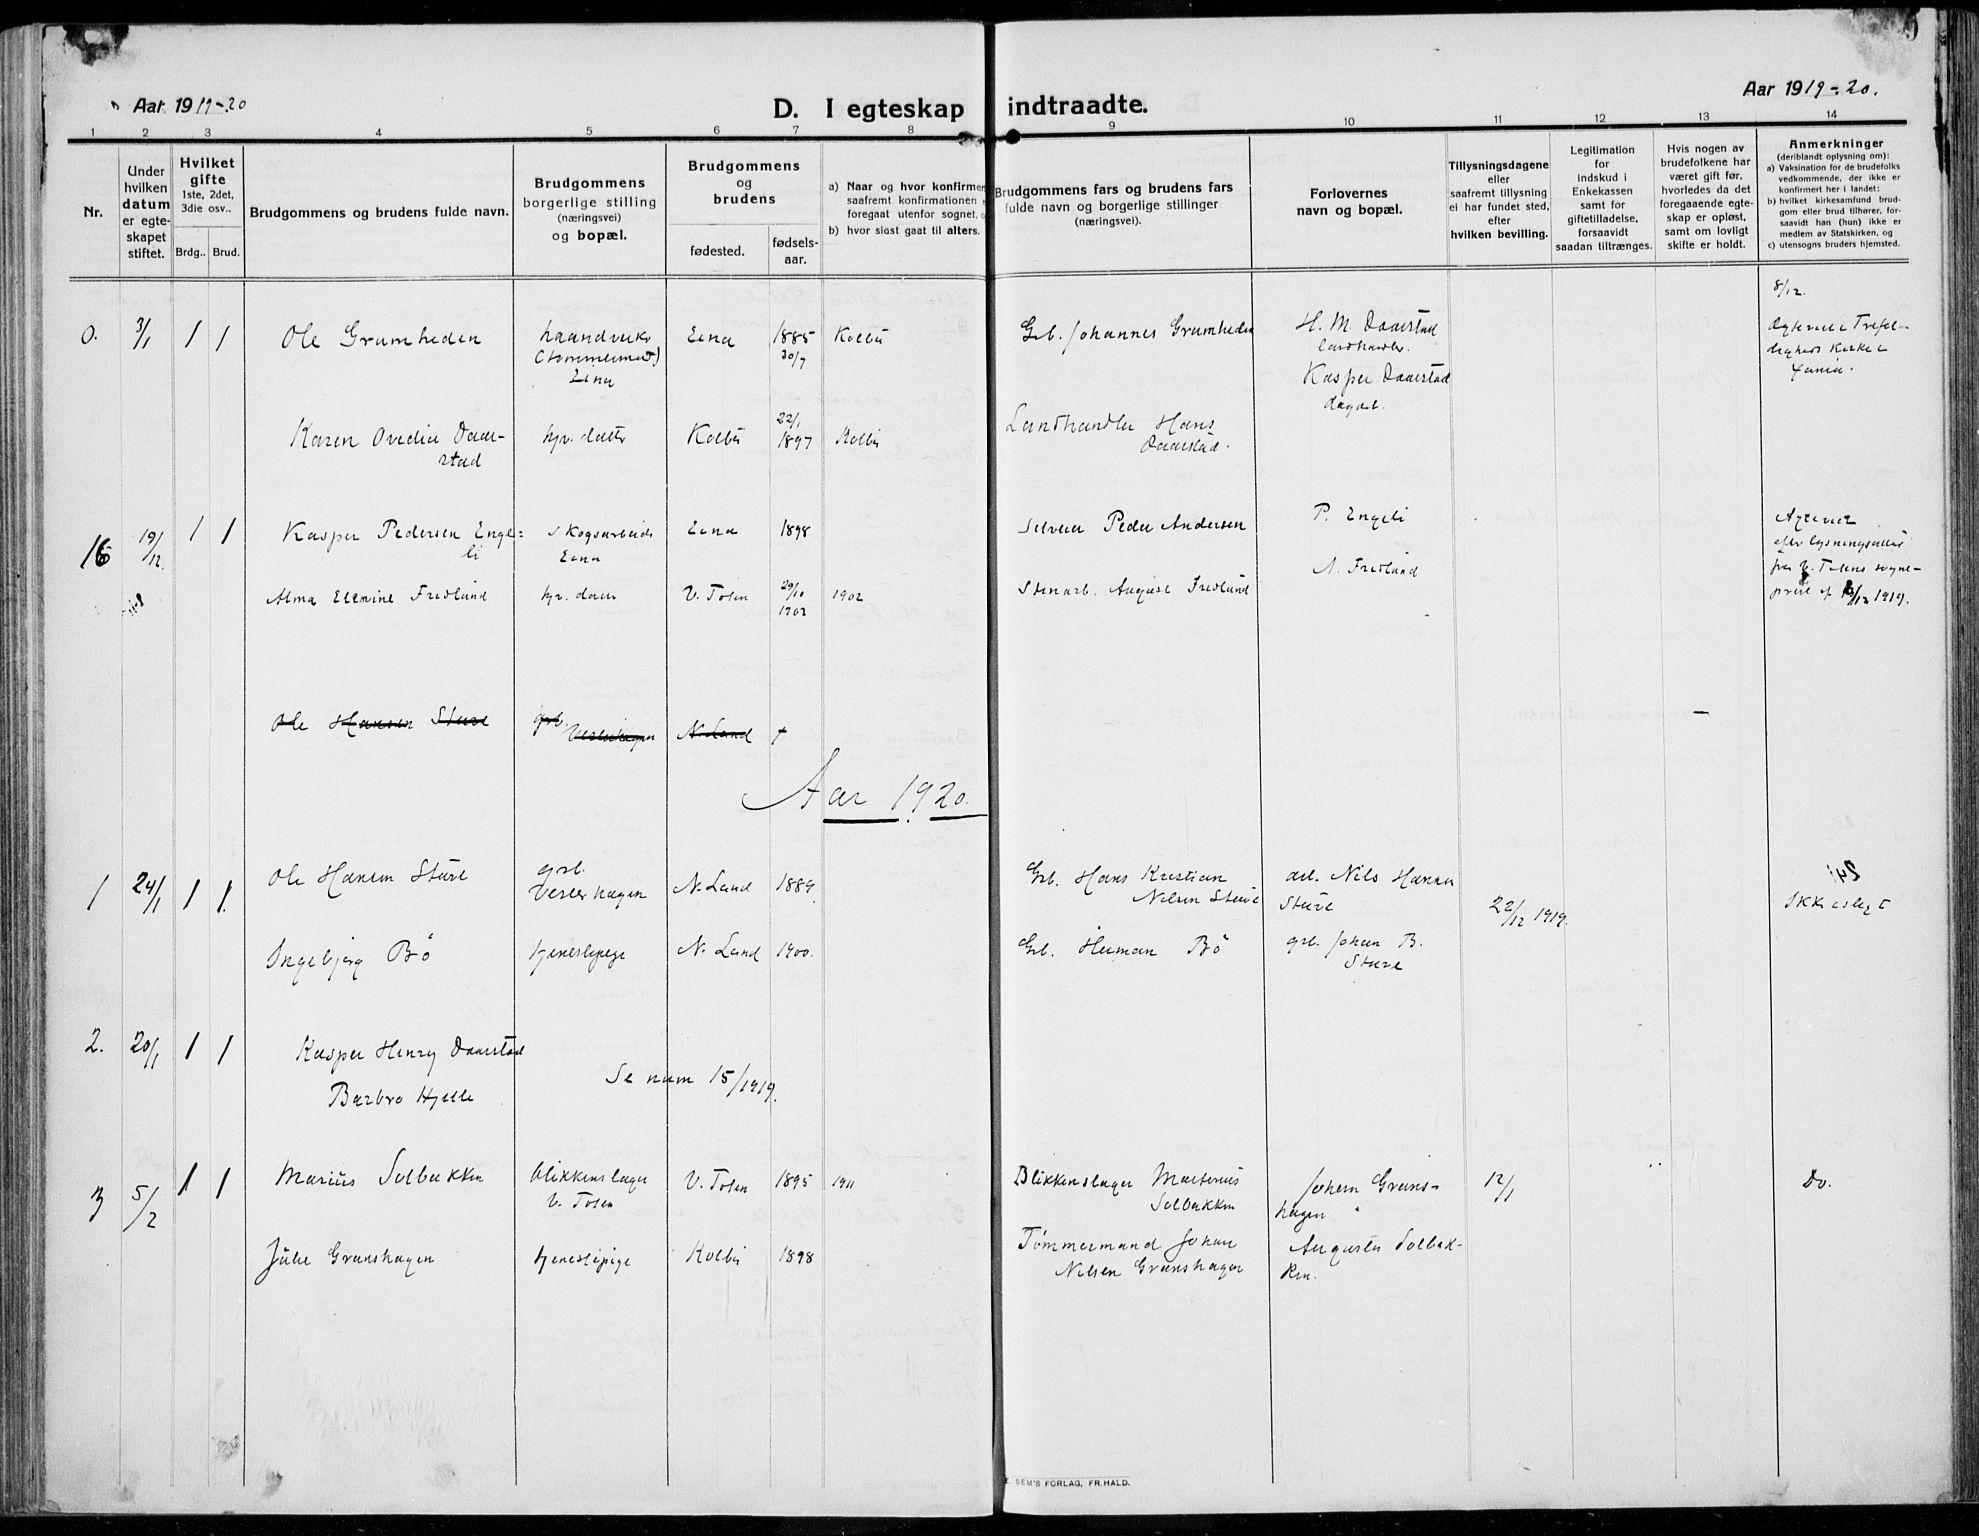 SAH, Kolbu prestekontor, Ministerialbok nr. 2, 1912-1926, s. 209